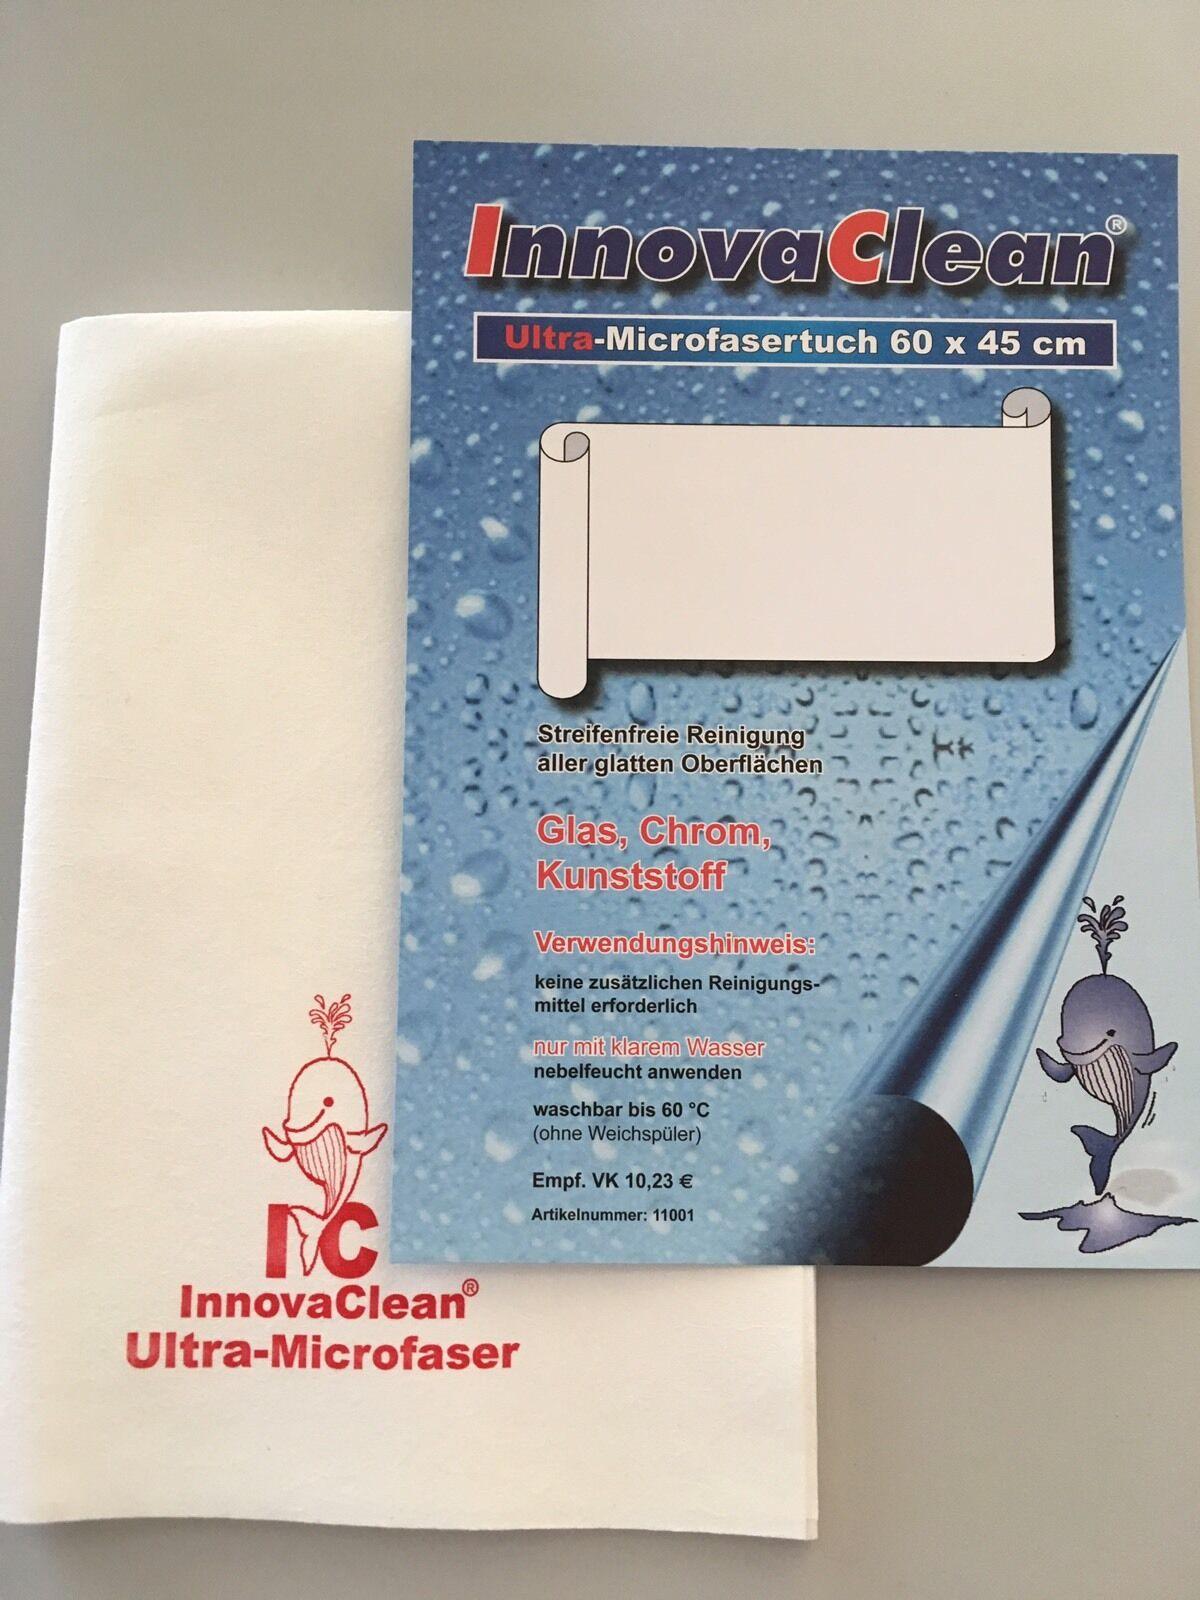 5 Stk. IC Ultra Microfasertuch 60x45 Mikrofasertuch Fenstertuch InnovaClean | Online Outlet Shop  | Schenken Sie Ihrem Kind eine glückliche Kindheit